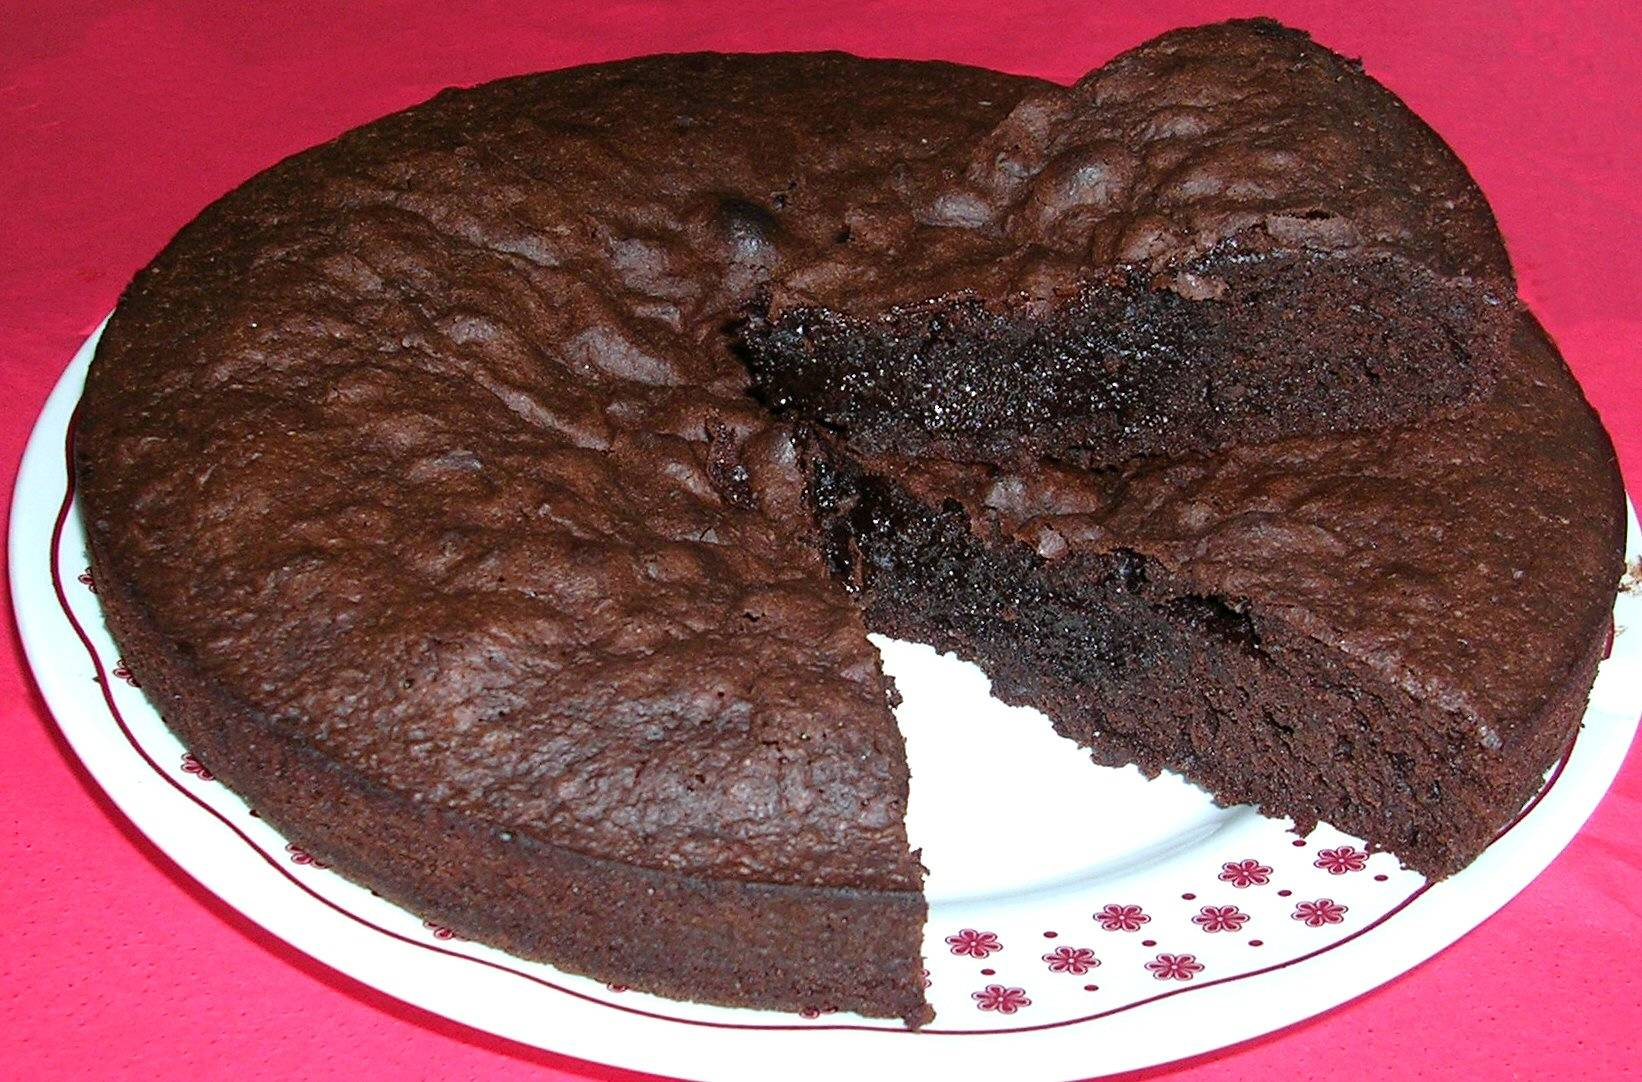 Gateau au chocolat fondant pour 12 personnes